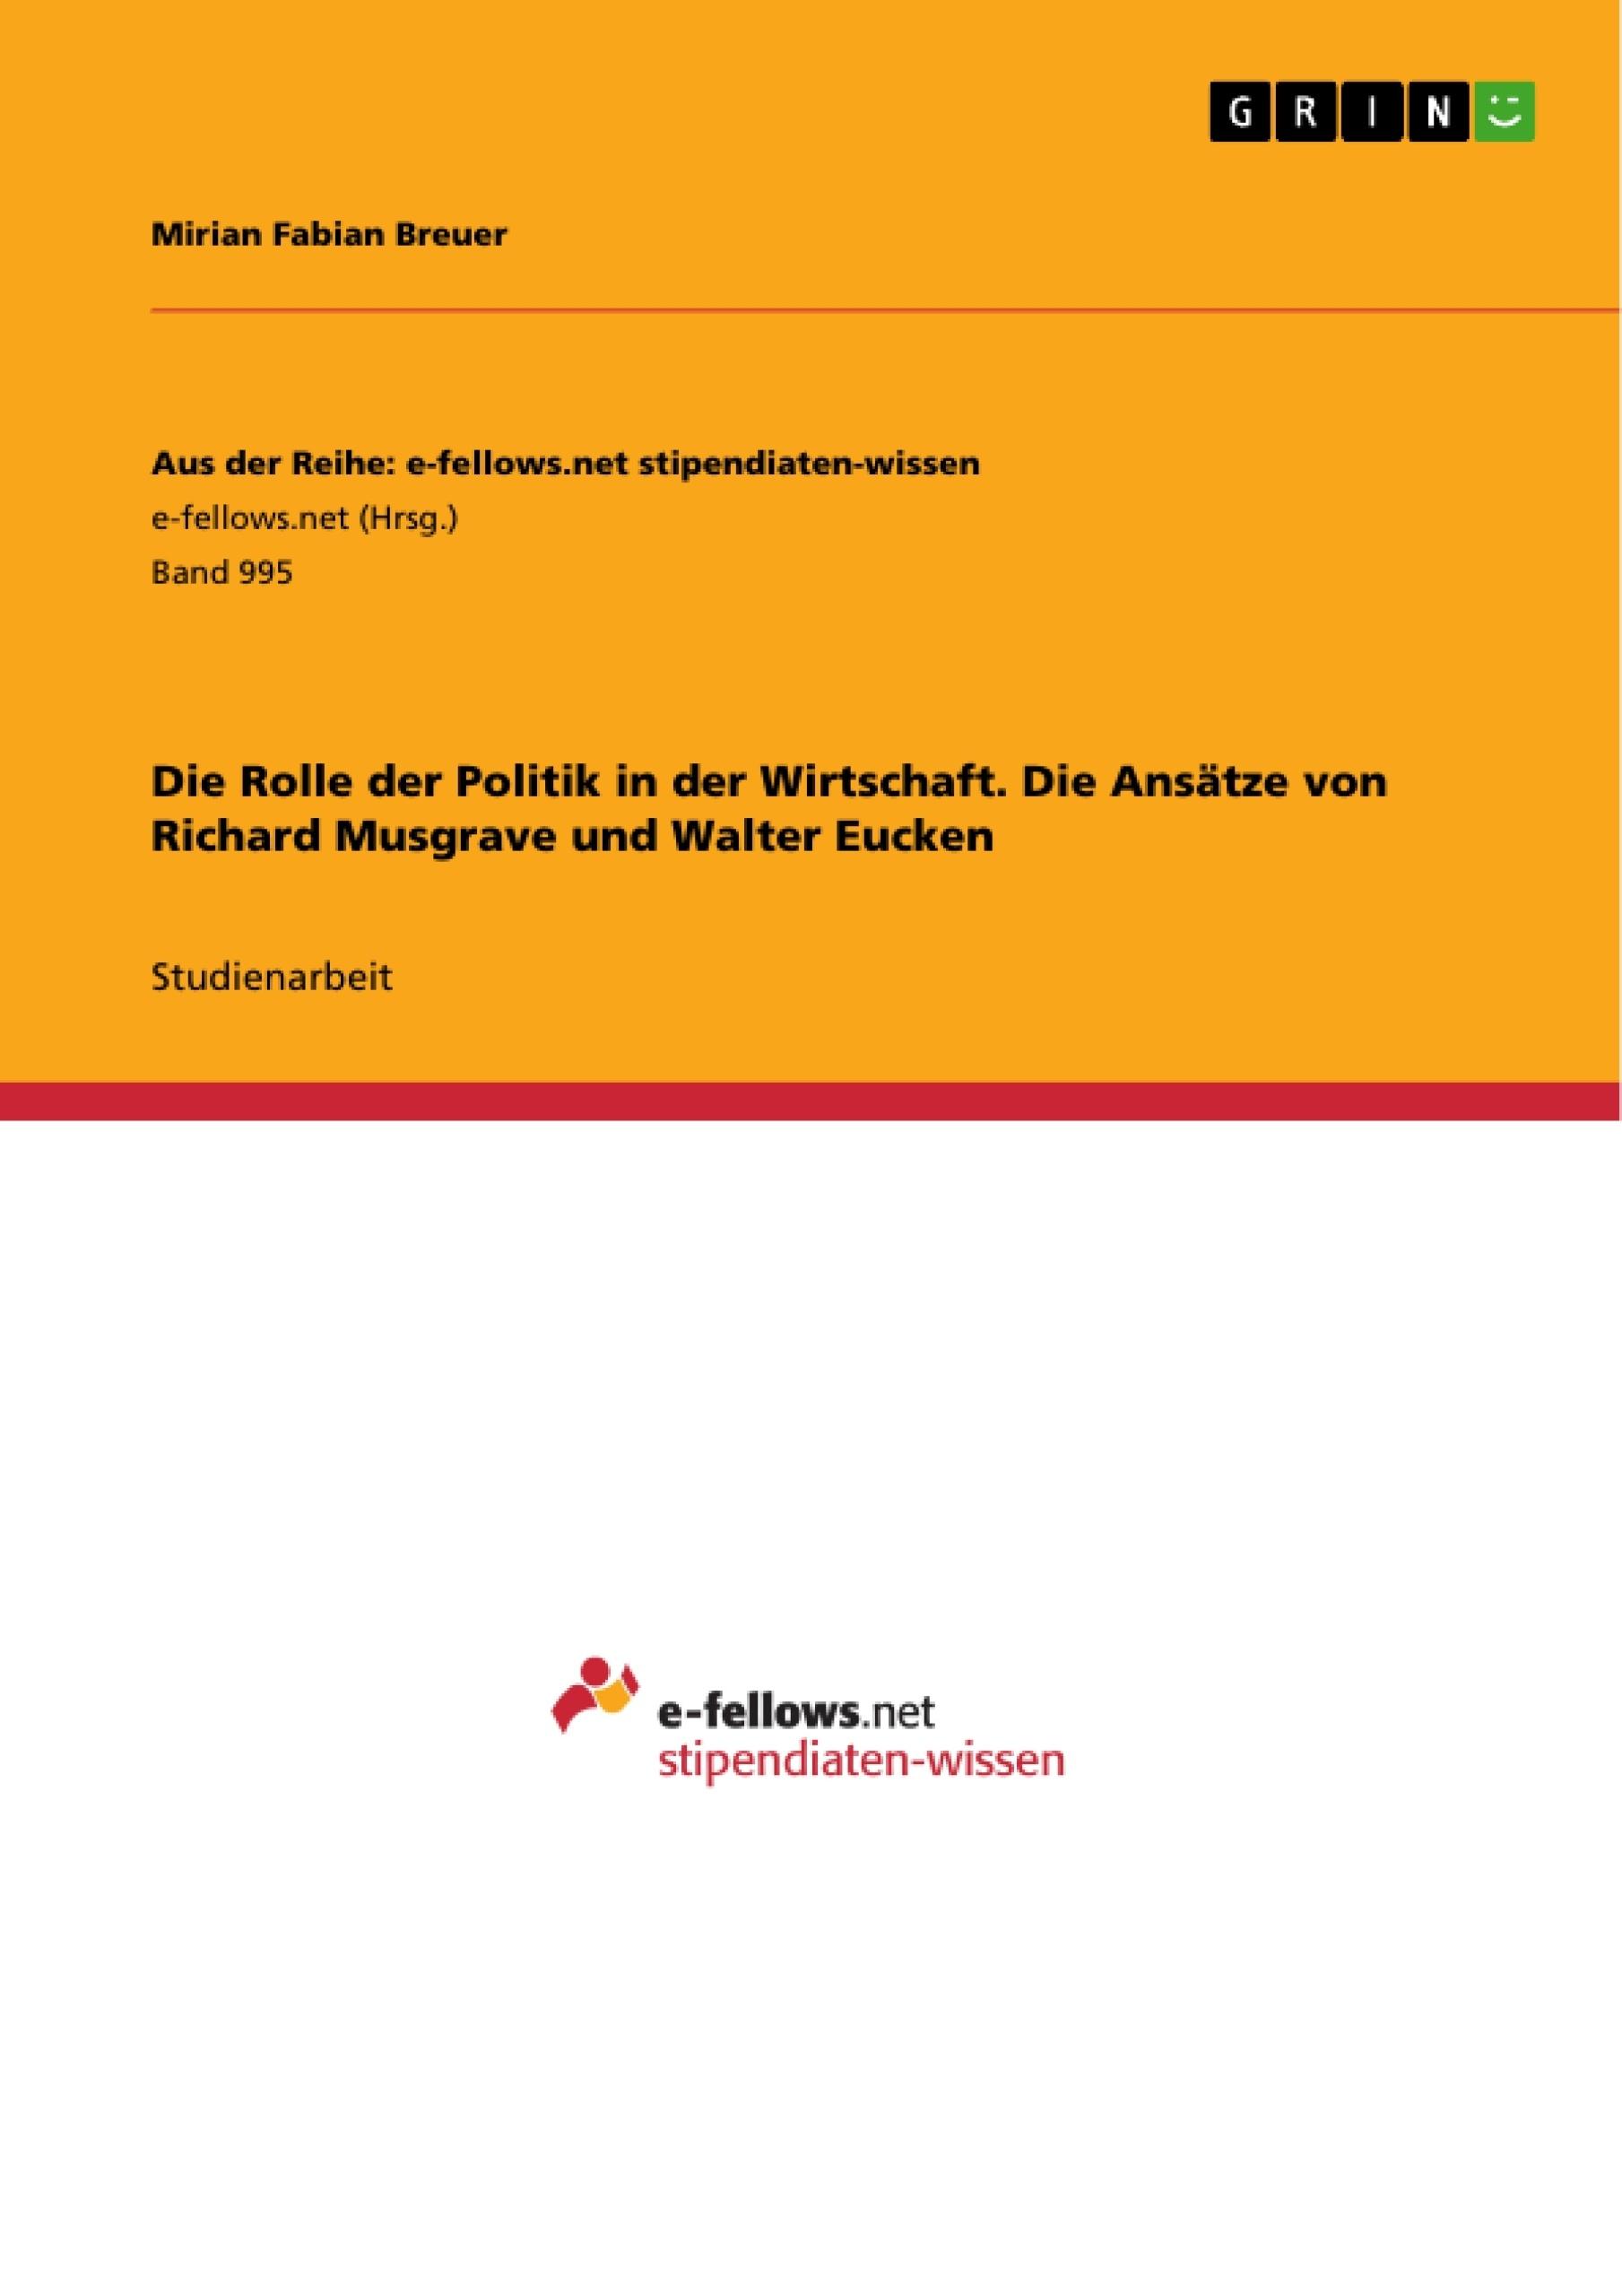 Titel: Die Rolle der Politik in der Wirtschaft. Die Ansätze von Richard Musgrave und Walter Eucken